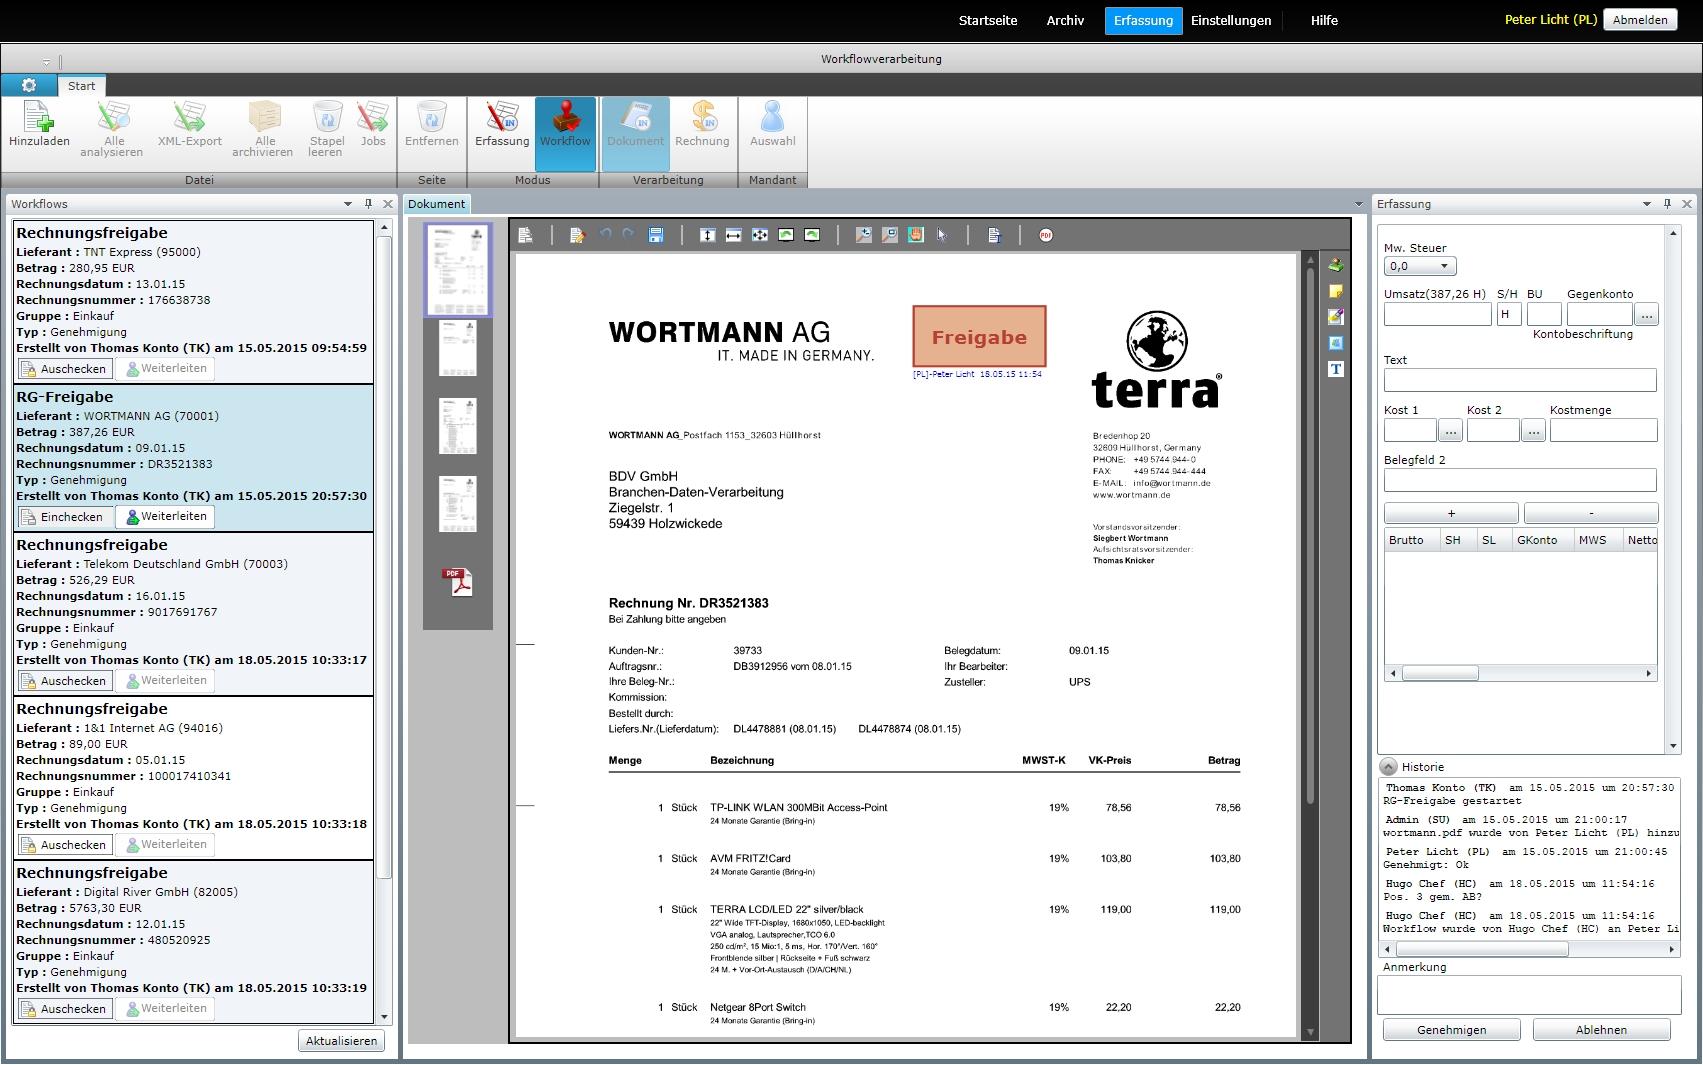 Uniweb - BDV Branchen-Daten-Verarbeitung